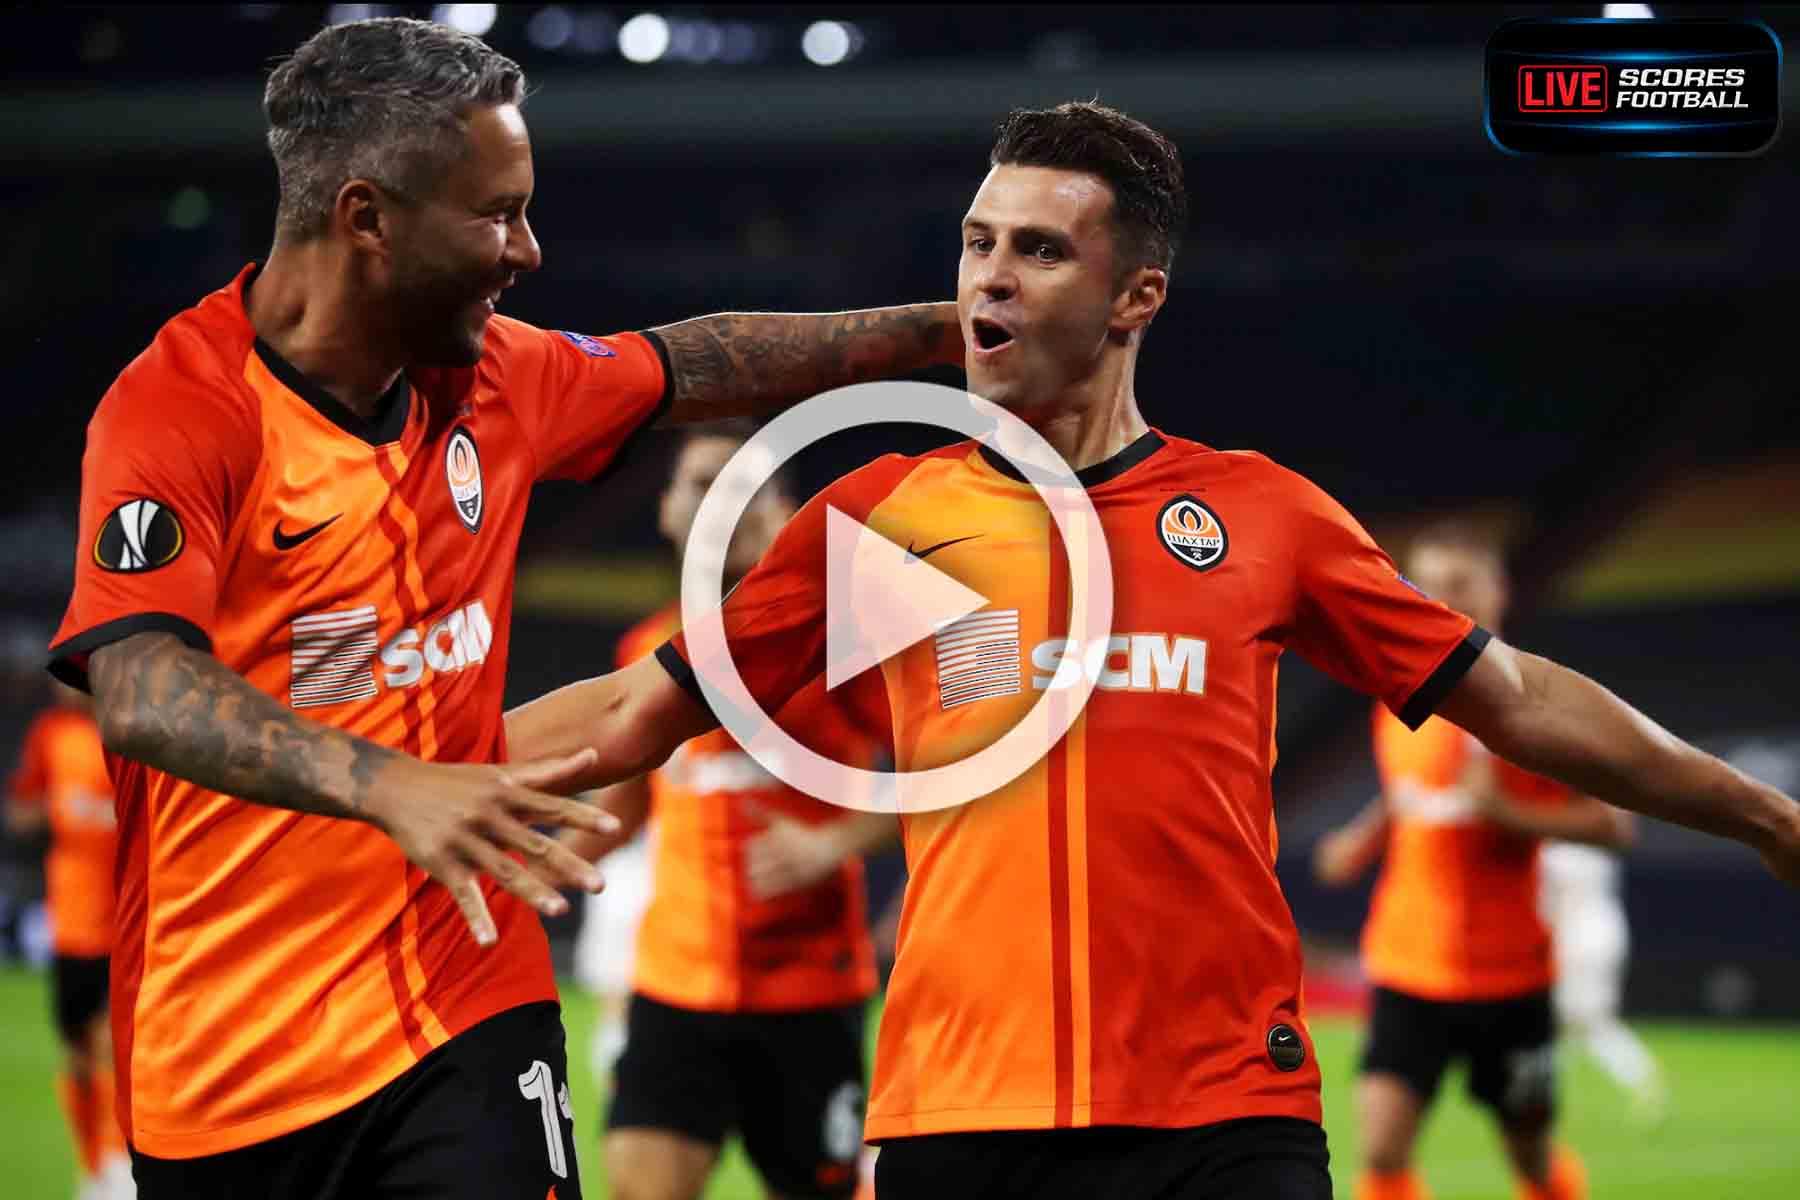 ไฮไลท์ UEL 2019-20 ชัคตาร์ โดเน็ทส์ค 4-1 เอฟซี บาเซิล รอบ 8 ทีม 11-8-2020